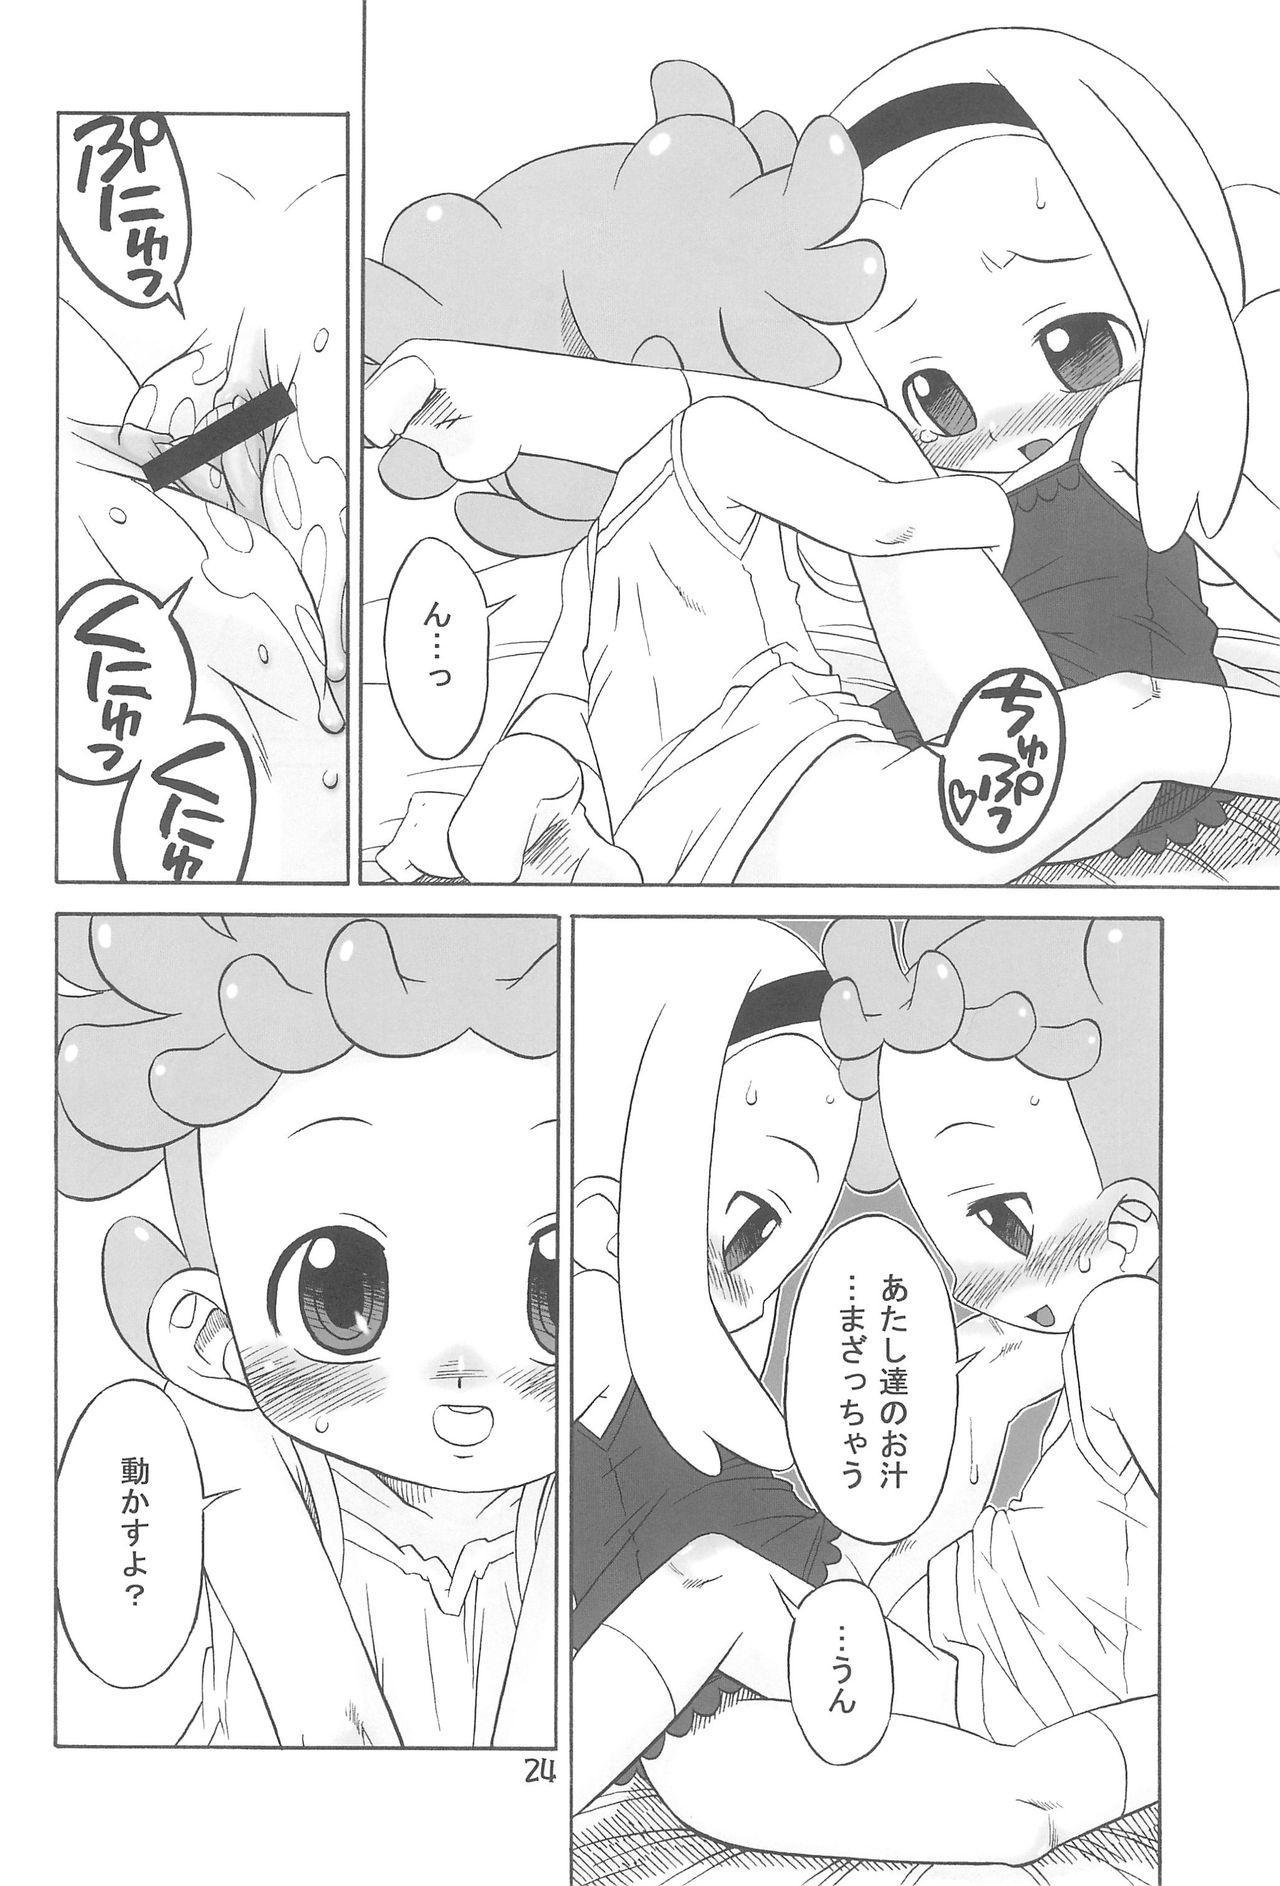 Tayorinai Bokura no Hateshinai Ashita. 23